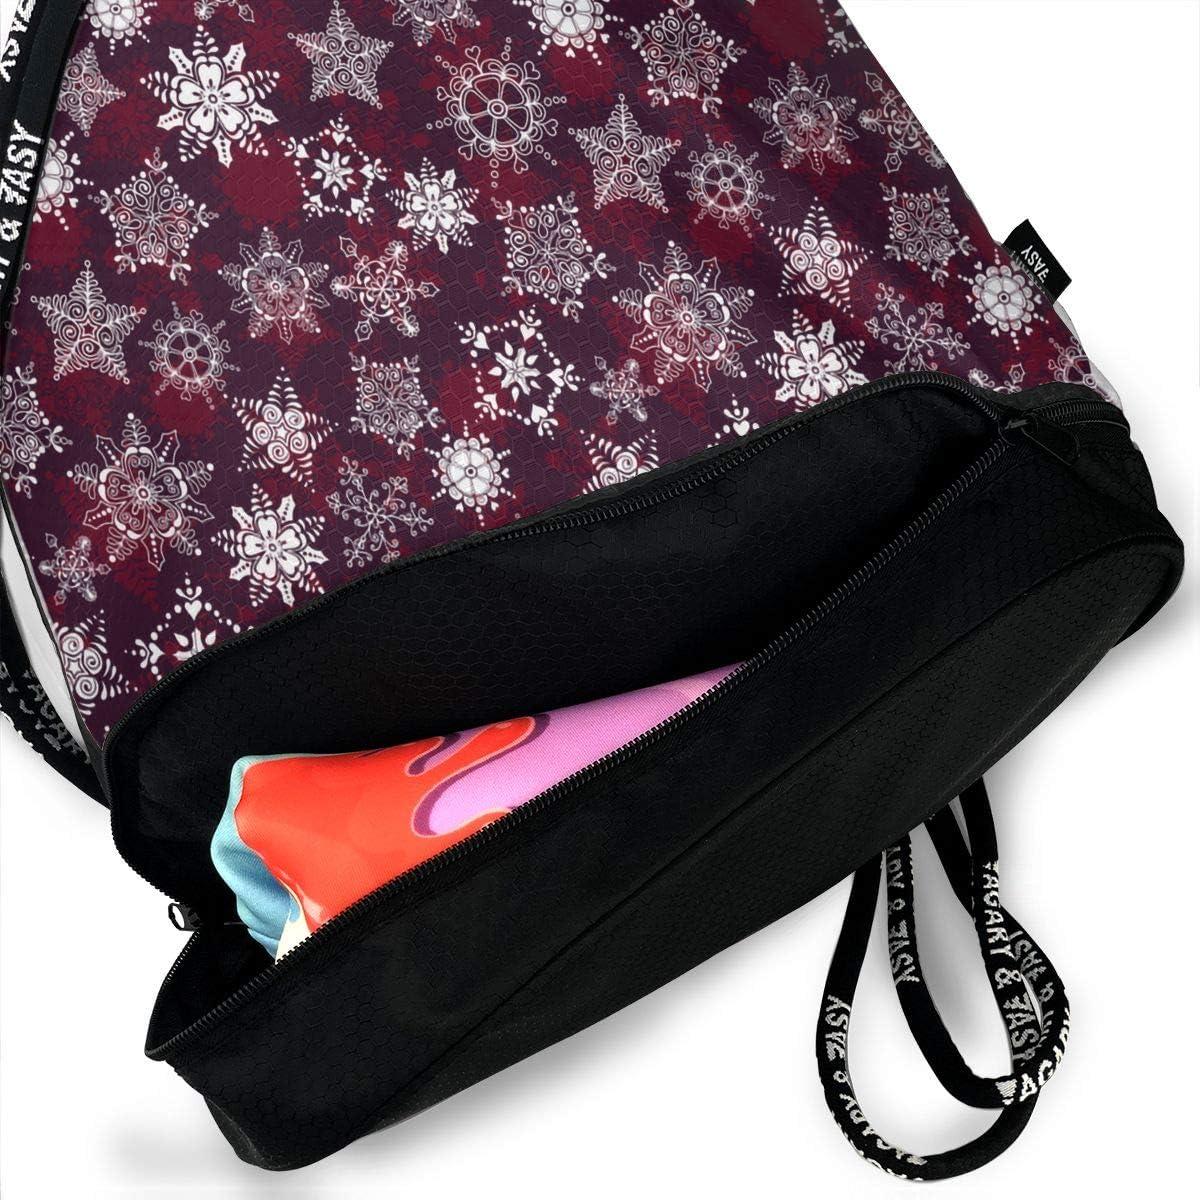 Drawstring Backpack Holiday Snowflakes Bags